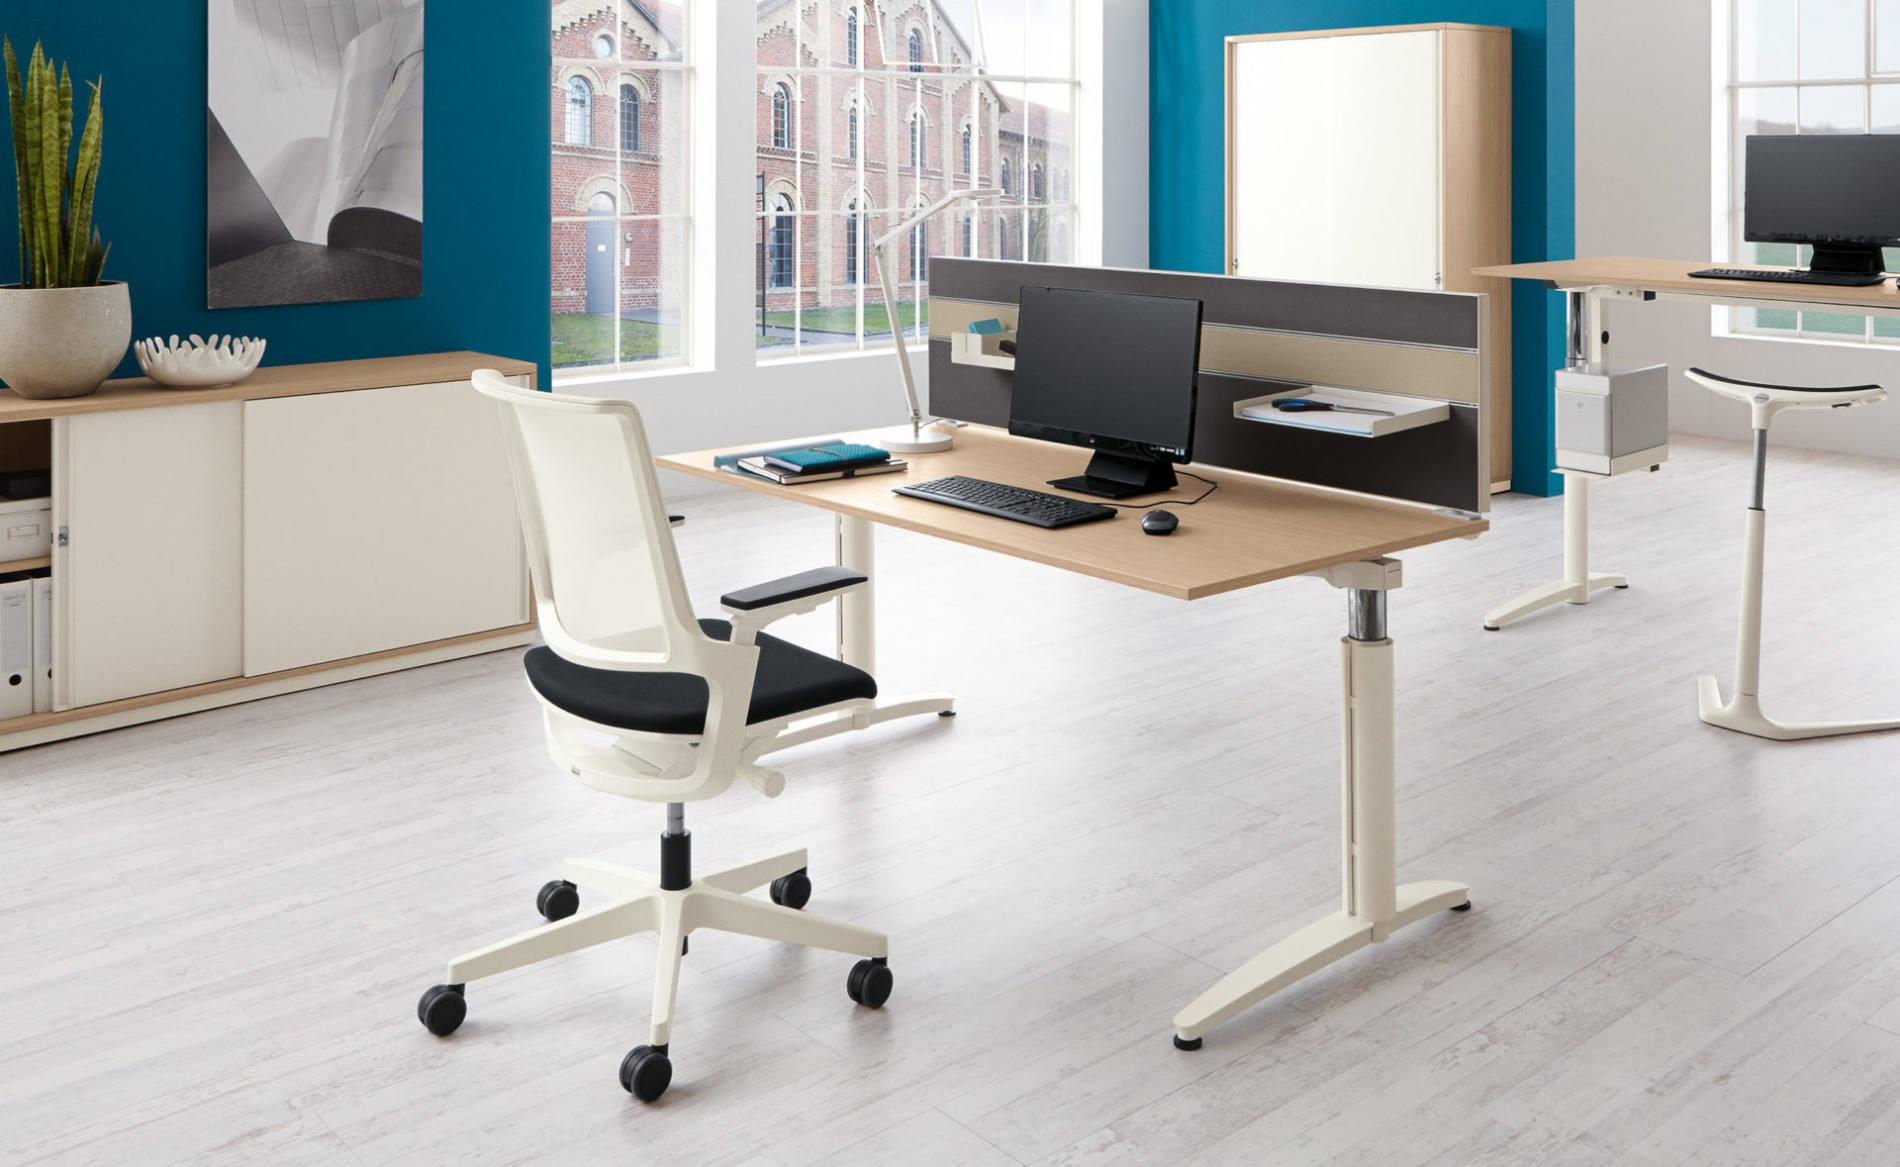 Schreibtisch CALDO, Einzelarbeitsplatz, höheneinstellbar, mit Akustik-Trennwand (Palmberg)